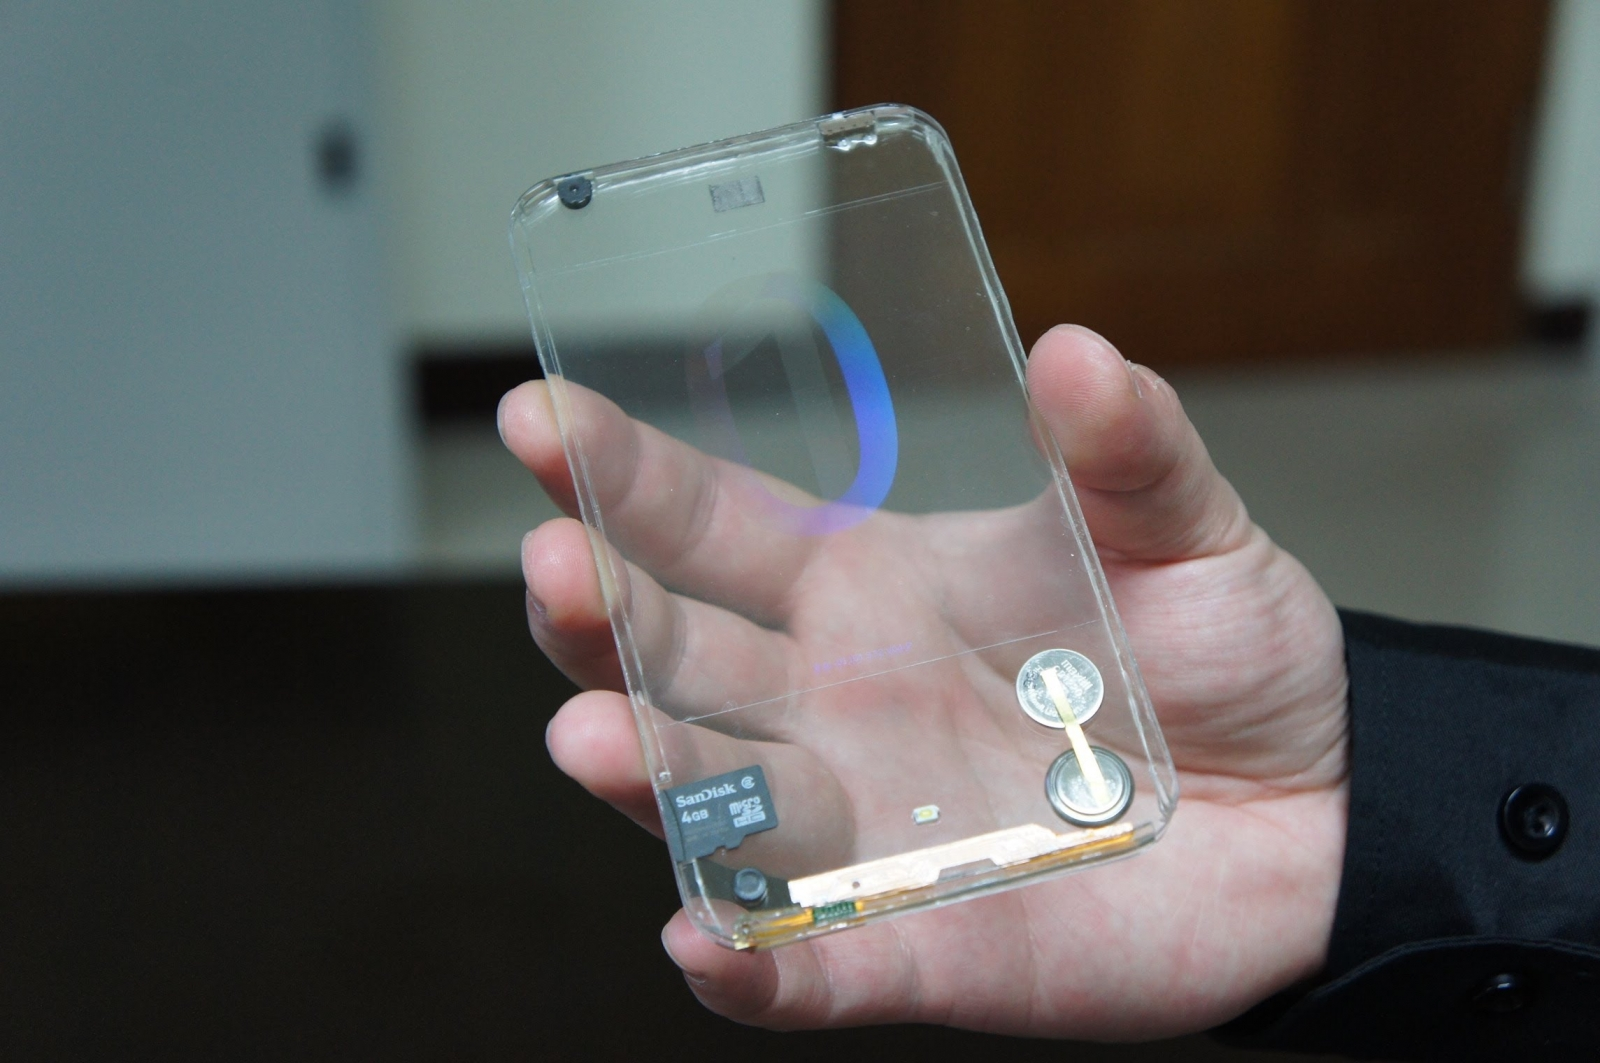 graphene quantum dot smartphone future transparent